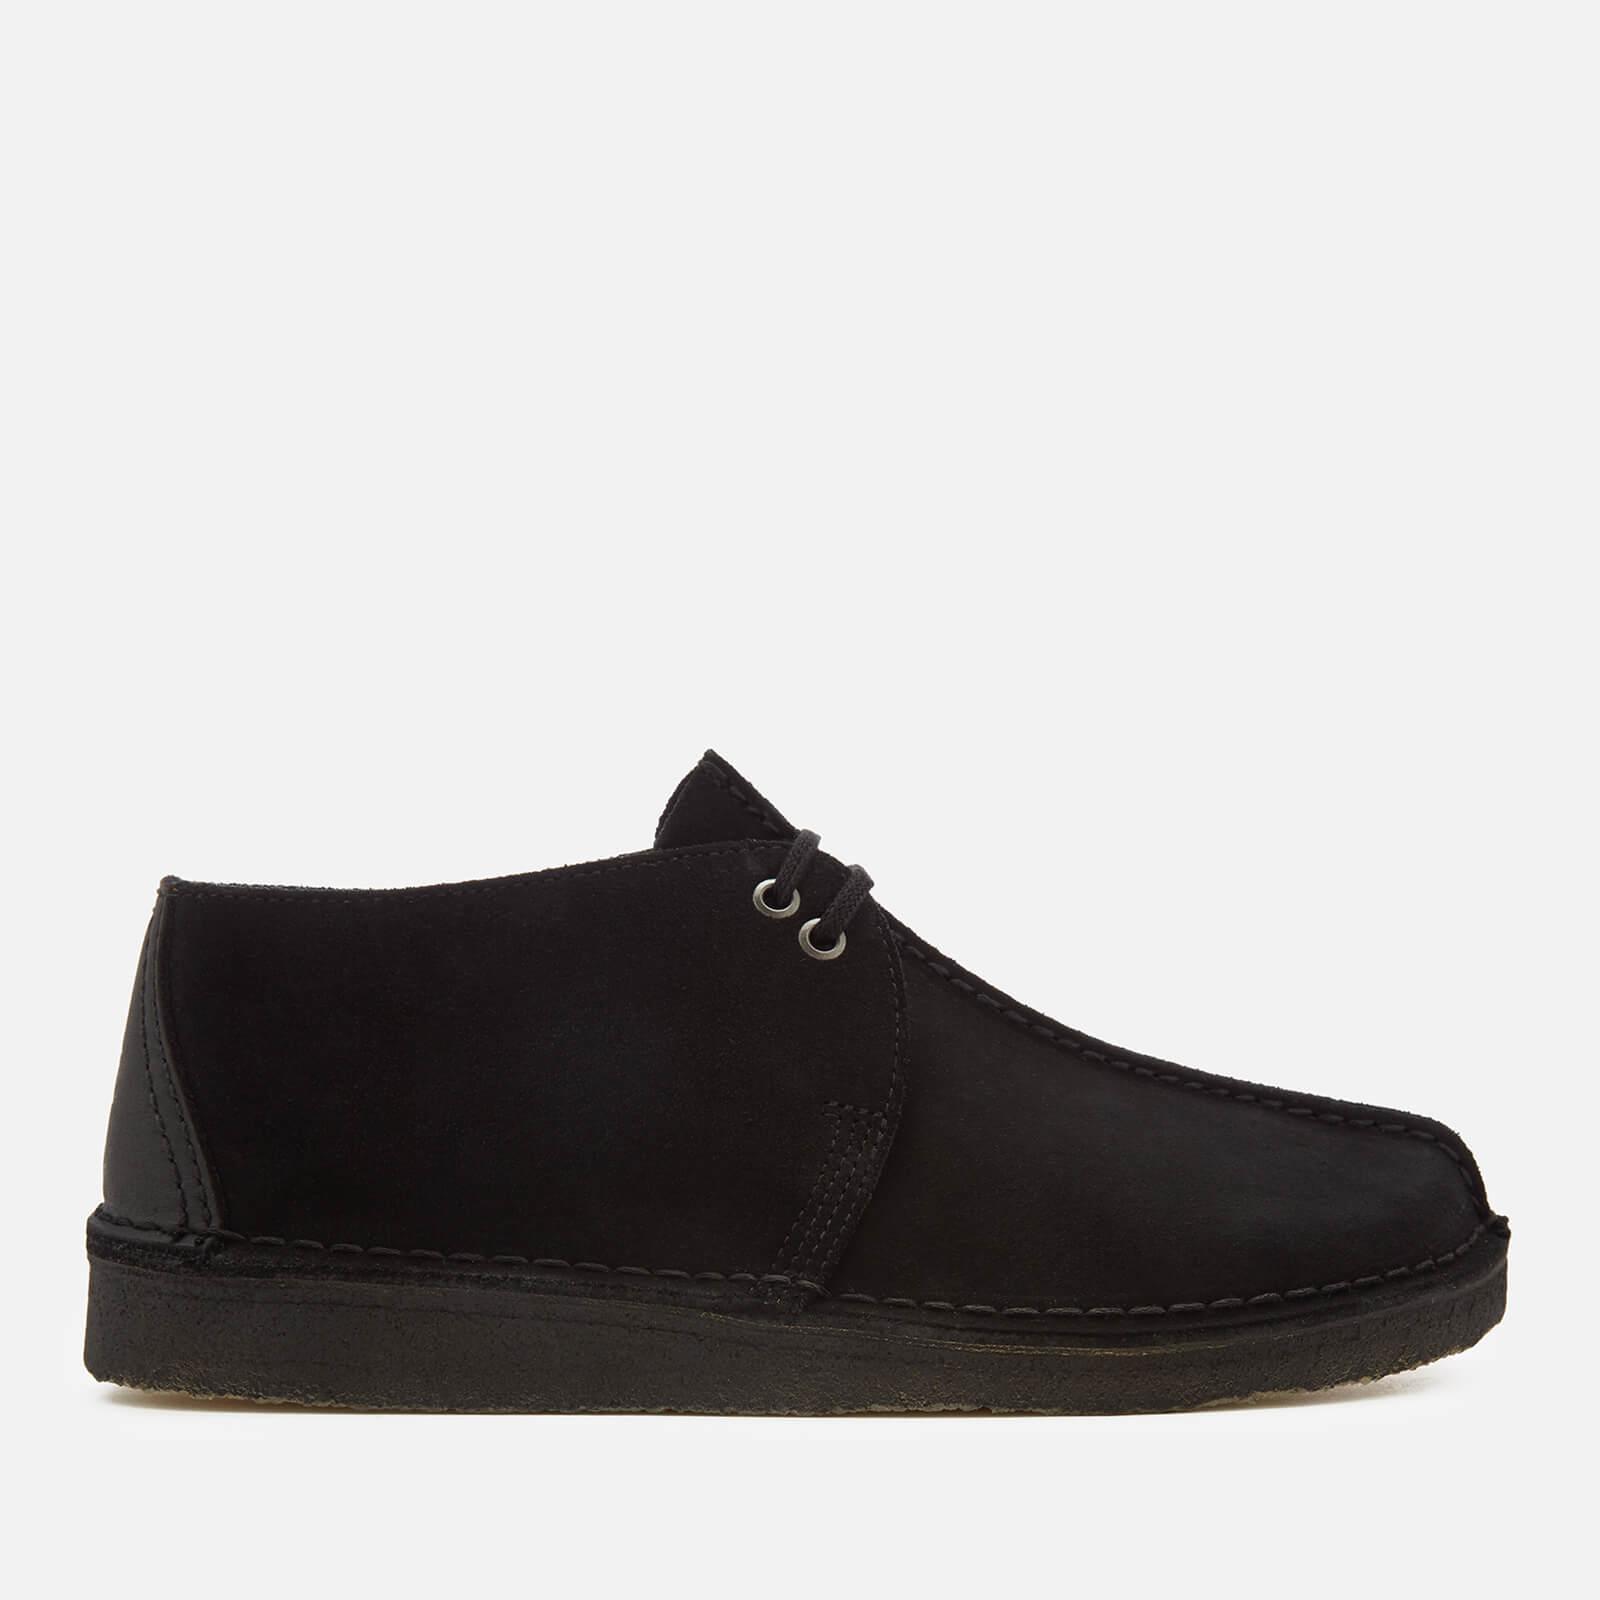 Clarks Originals Men's Desert Trek Suede Shoes - Black - UK 7